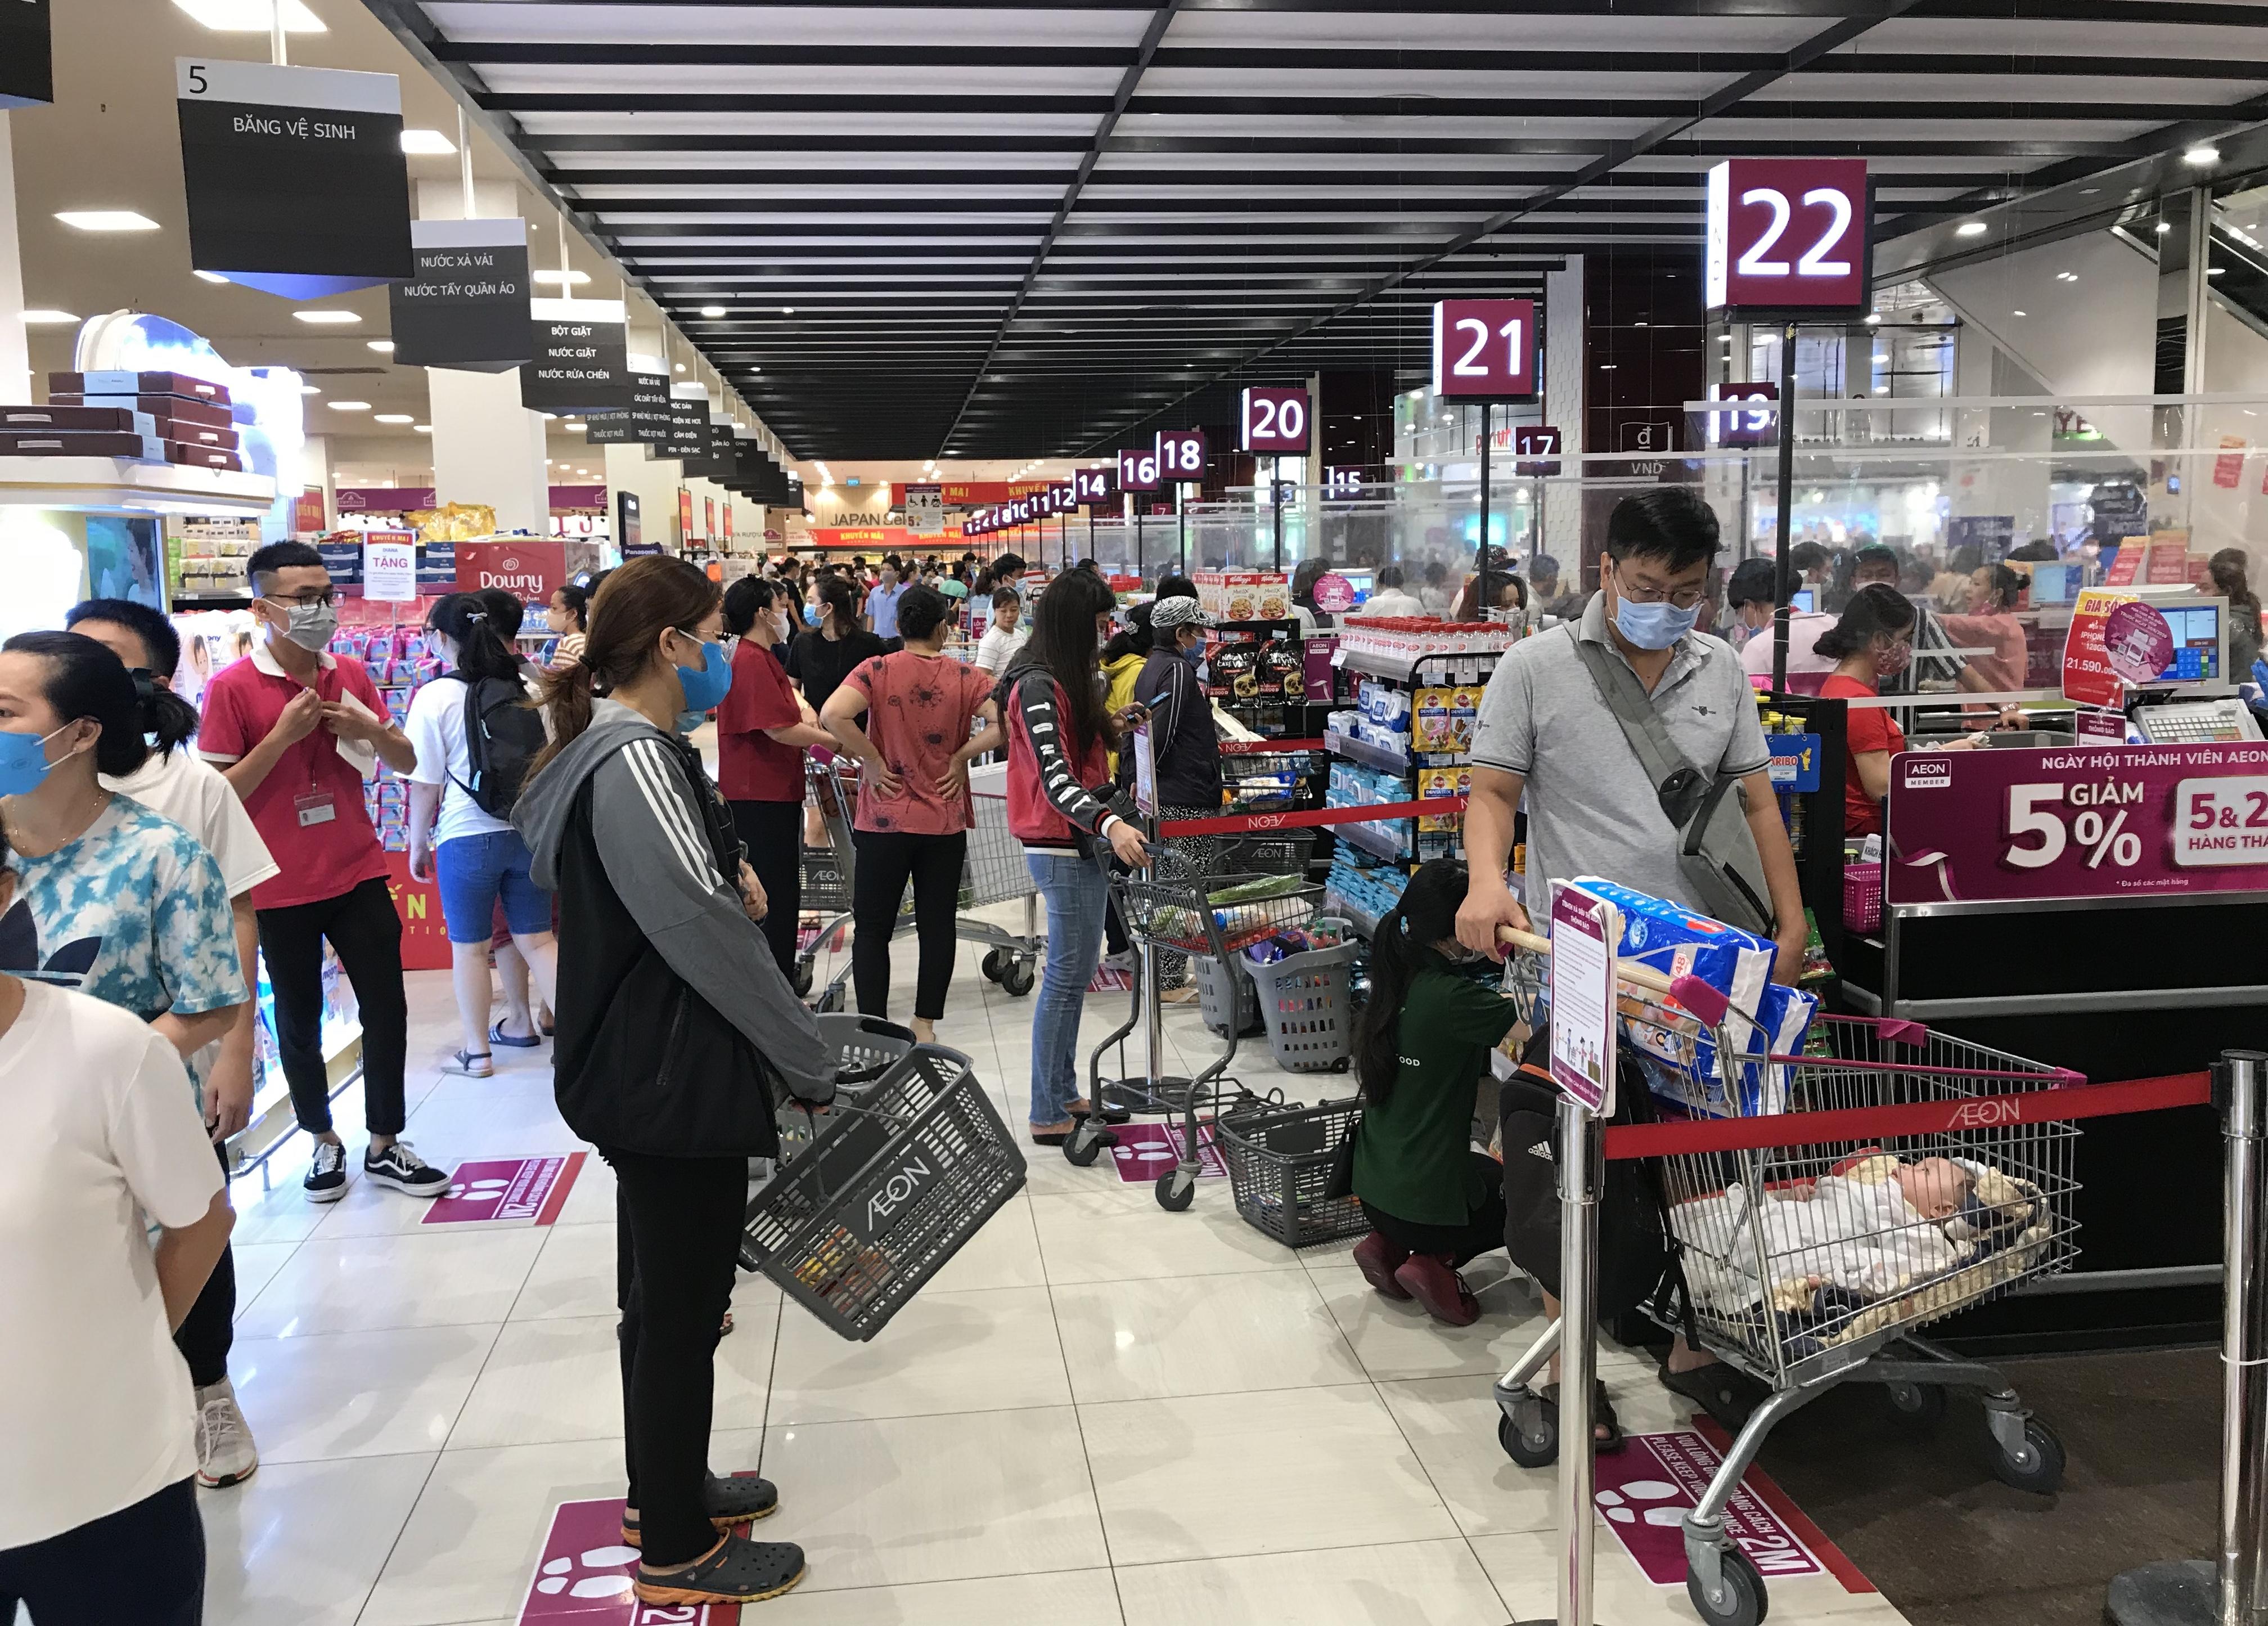 Siêu thị đông đúc cuối tuần, người Sài Gòn mua thịt heo, hải sản giảm giá đến 20.000-60.000 đồng/kg ăn lễ - Ảnh 10.